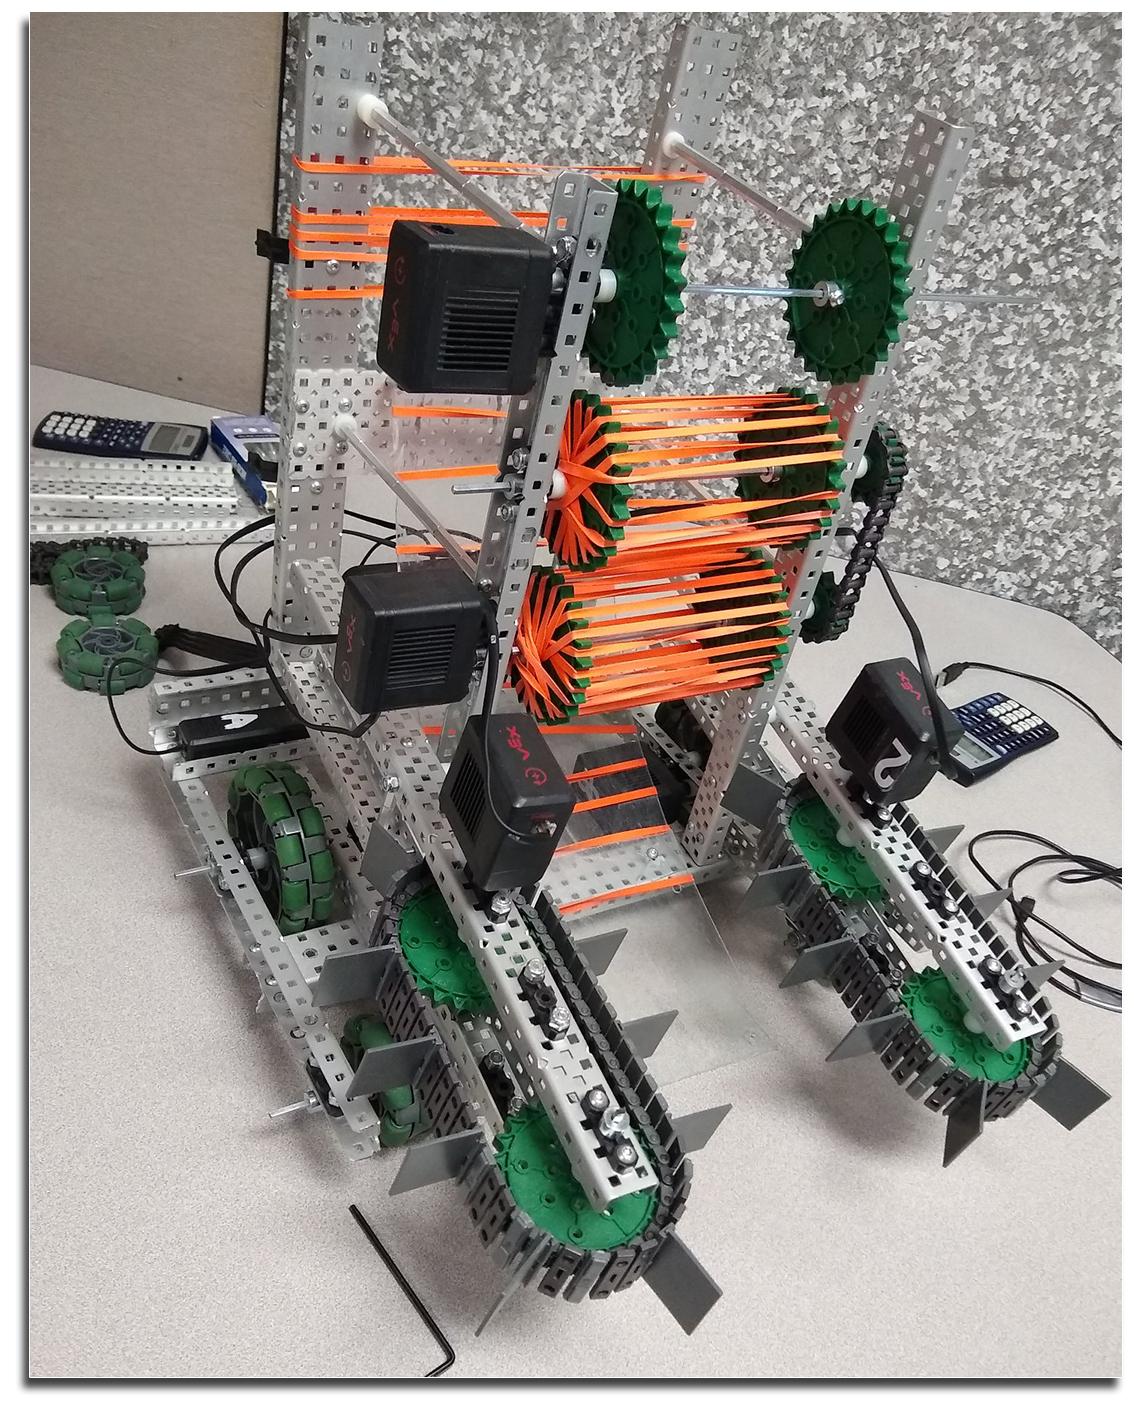 The VEX robot.